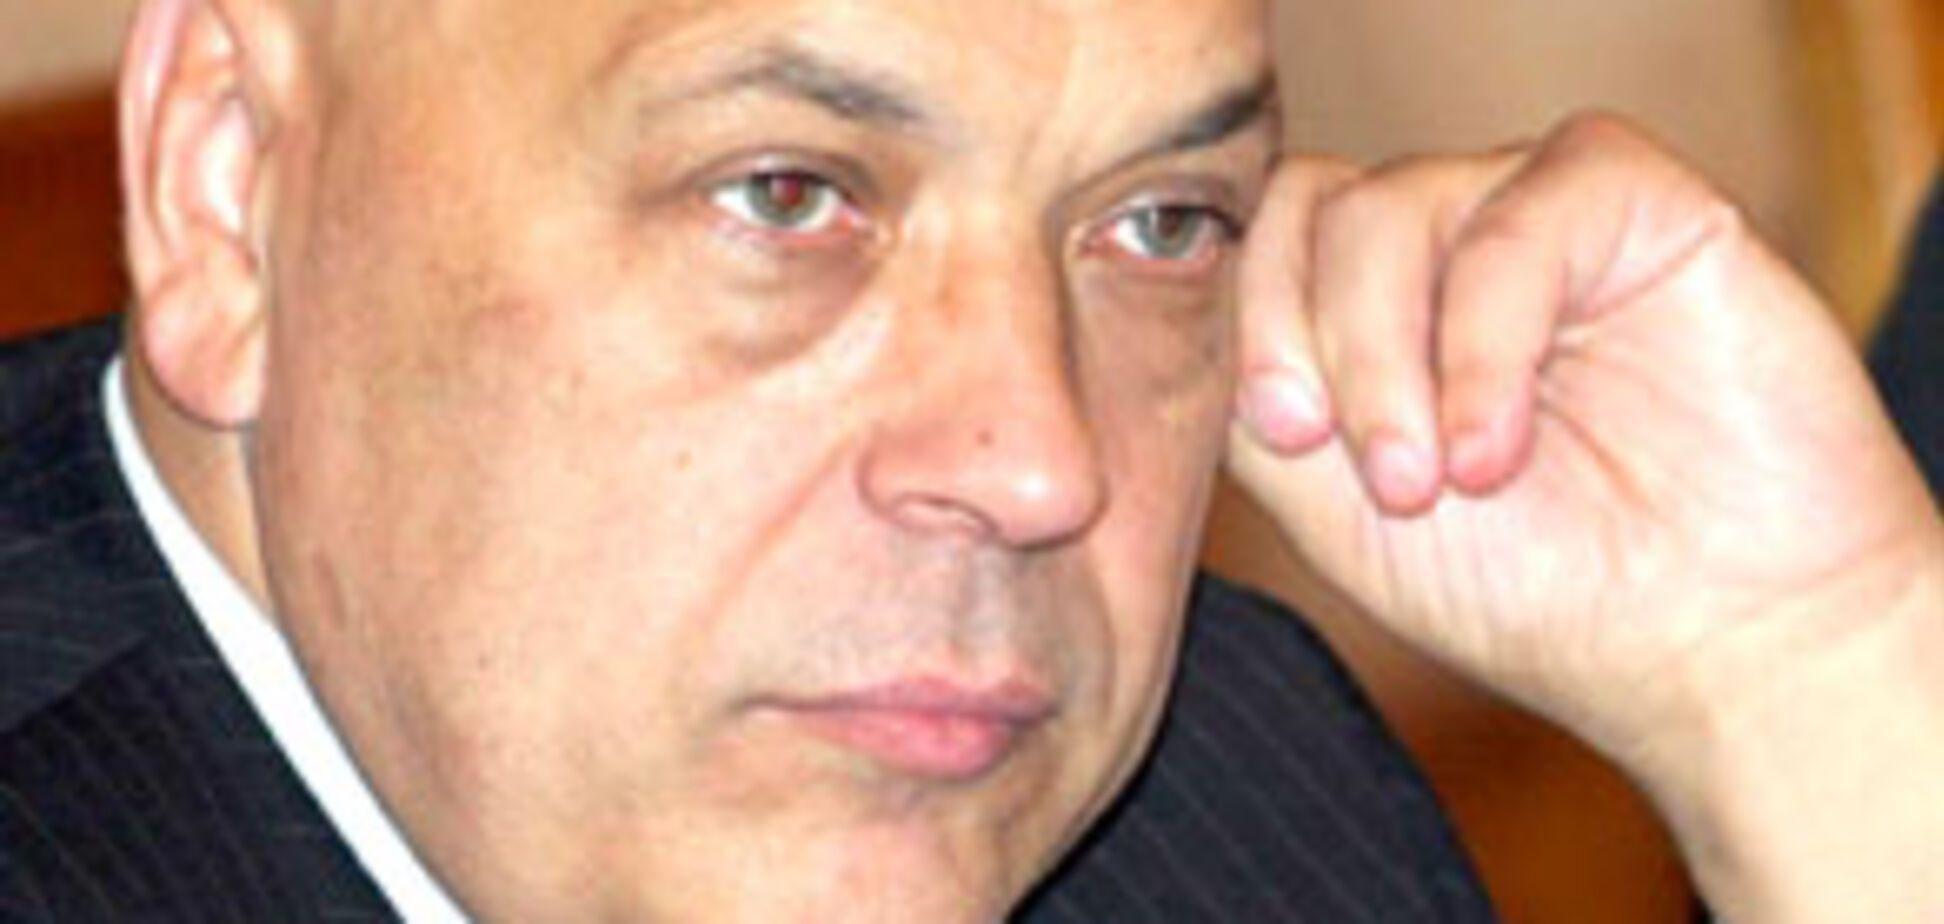 Геннадій Москаль: 'Скоро крадіжка на суму 1000 гривень не буде вважатися крадіжкою'